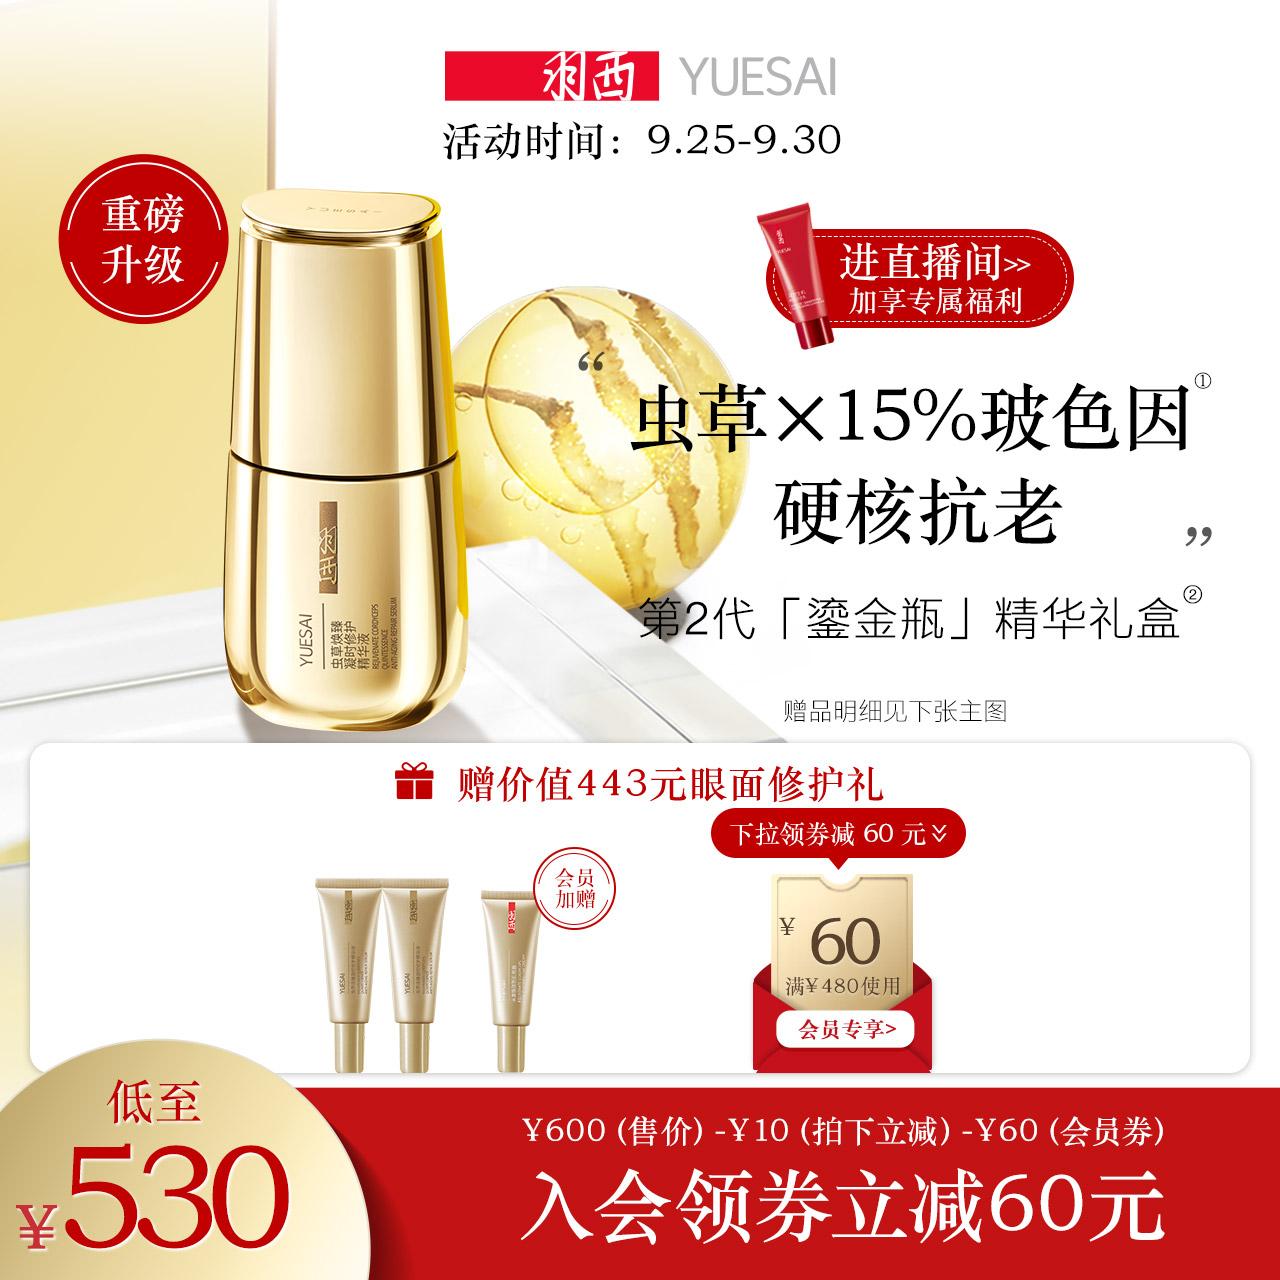 【顺丰速达】羽西第二代鎏金瓶精华 15%玻色因抗老修护虫草精华